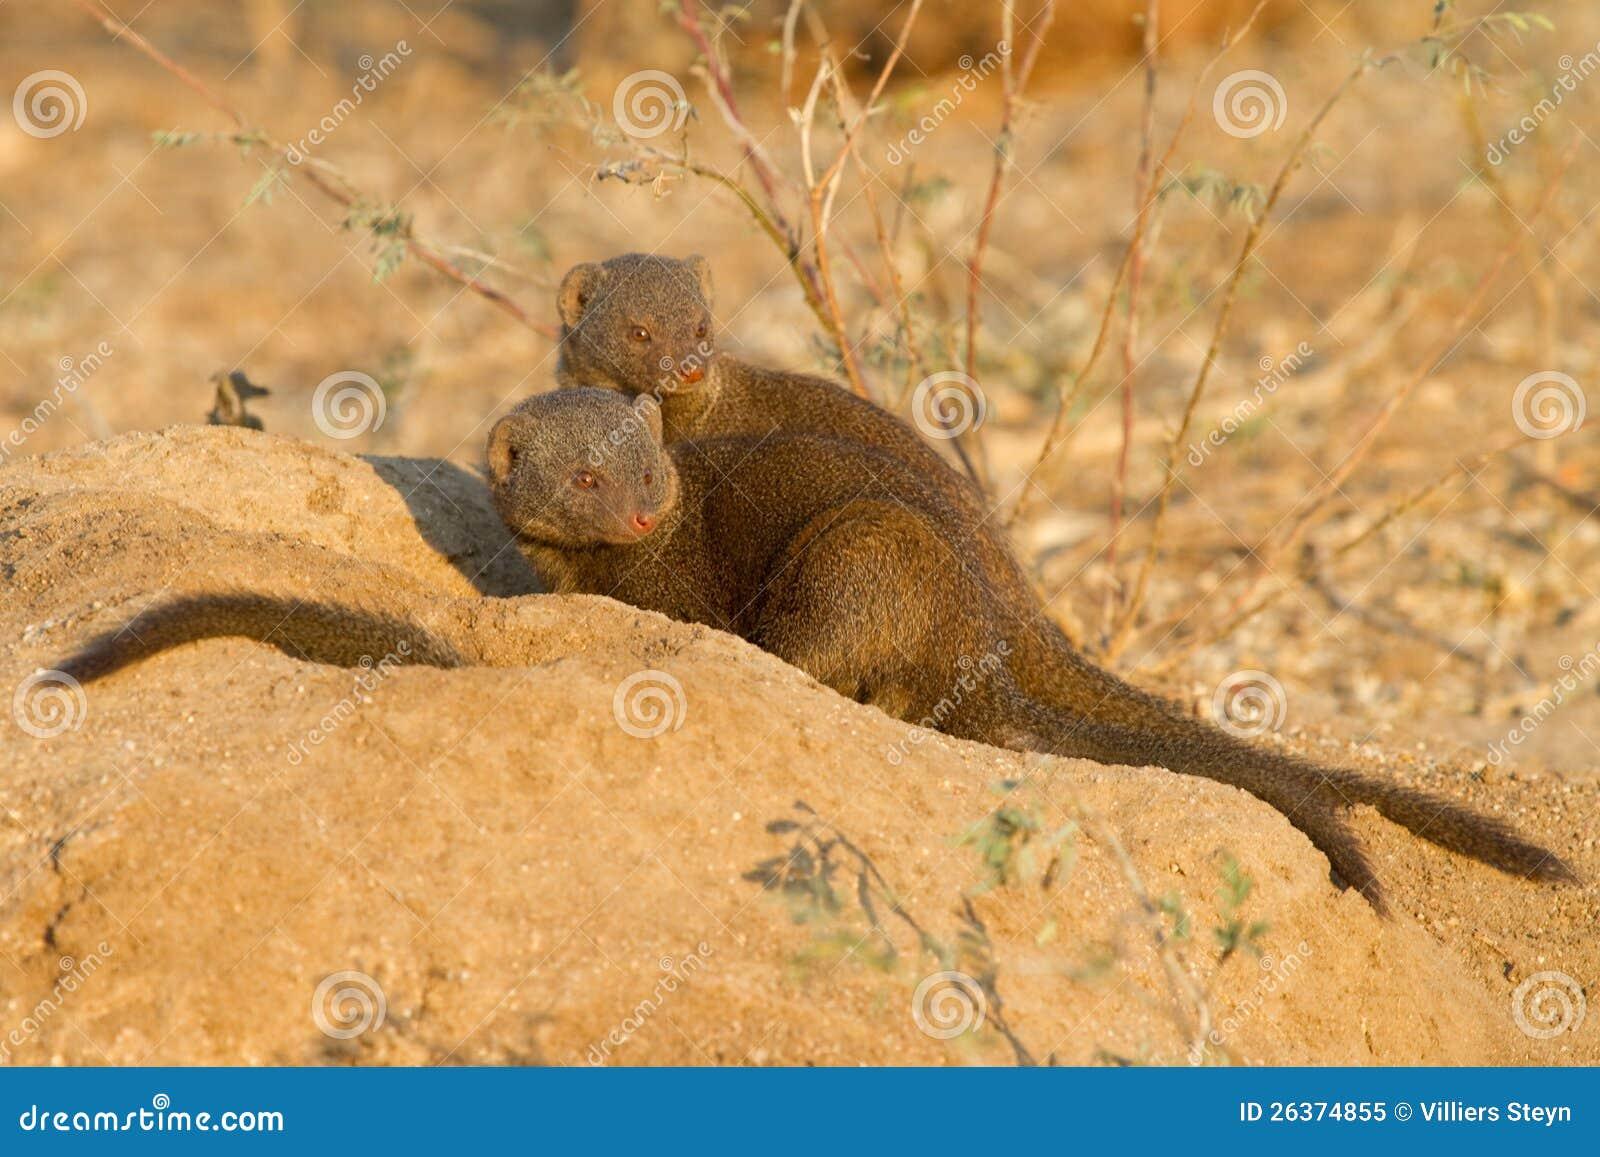 Zwergartige Mungopaare